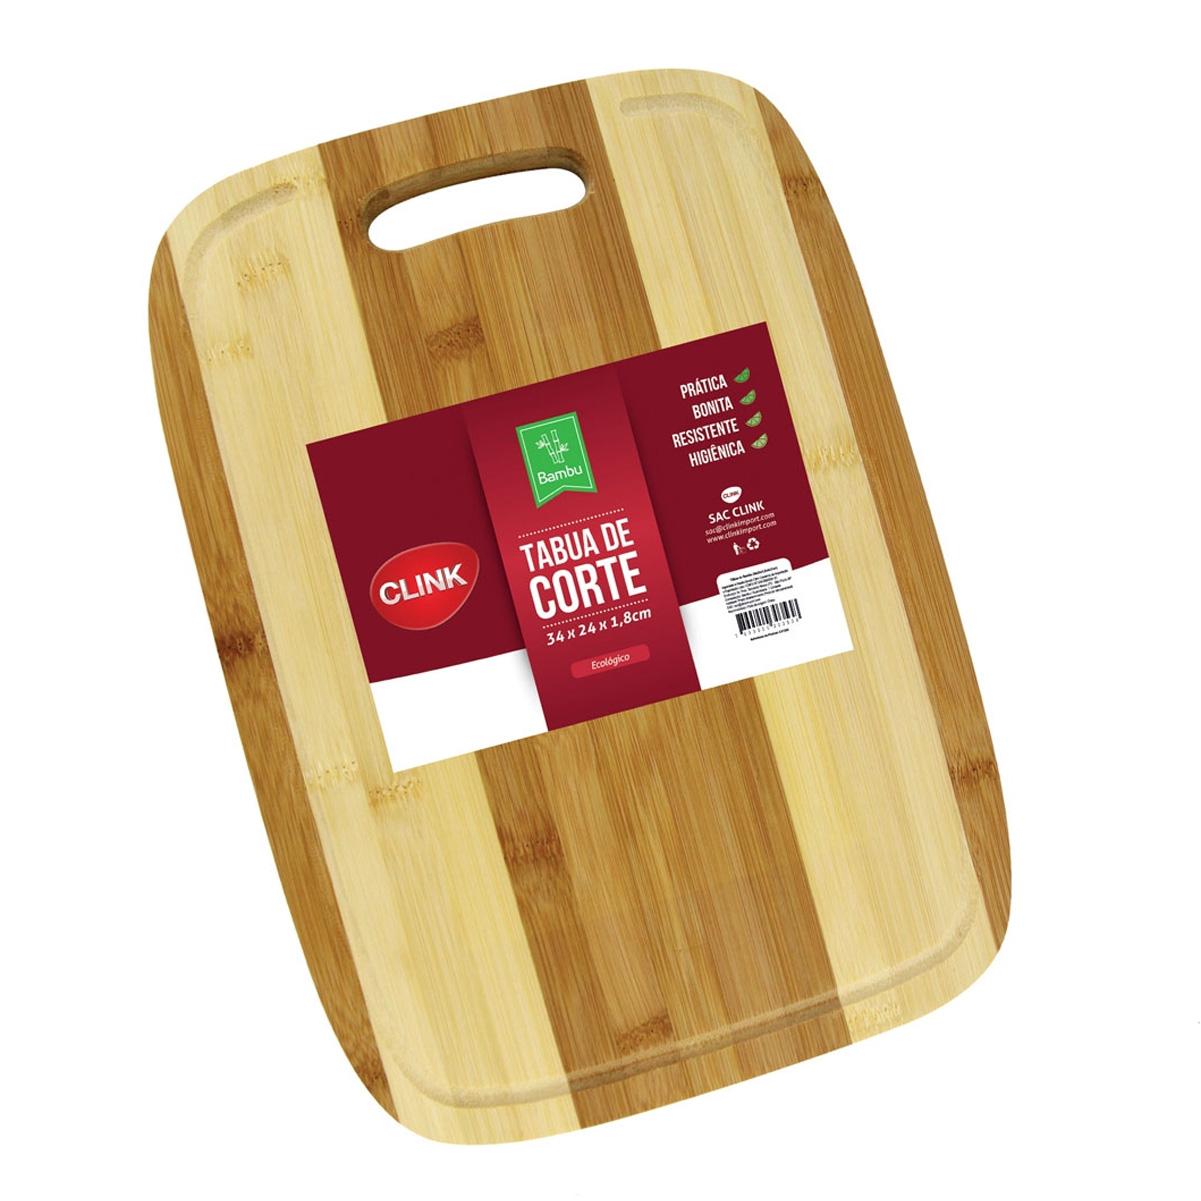 Tábua De Corte Carne Madeira Bambu Churrasco Pegador 34x24cm